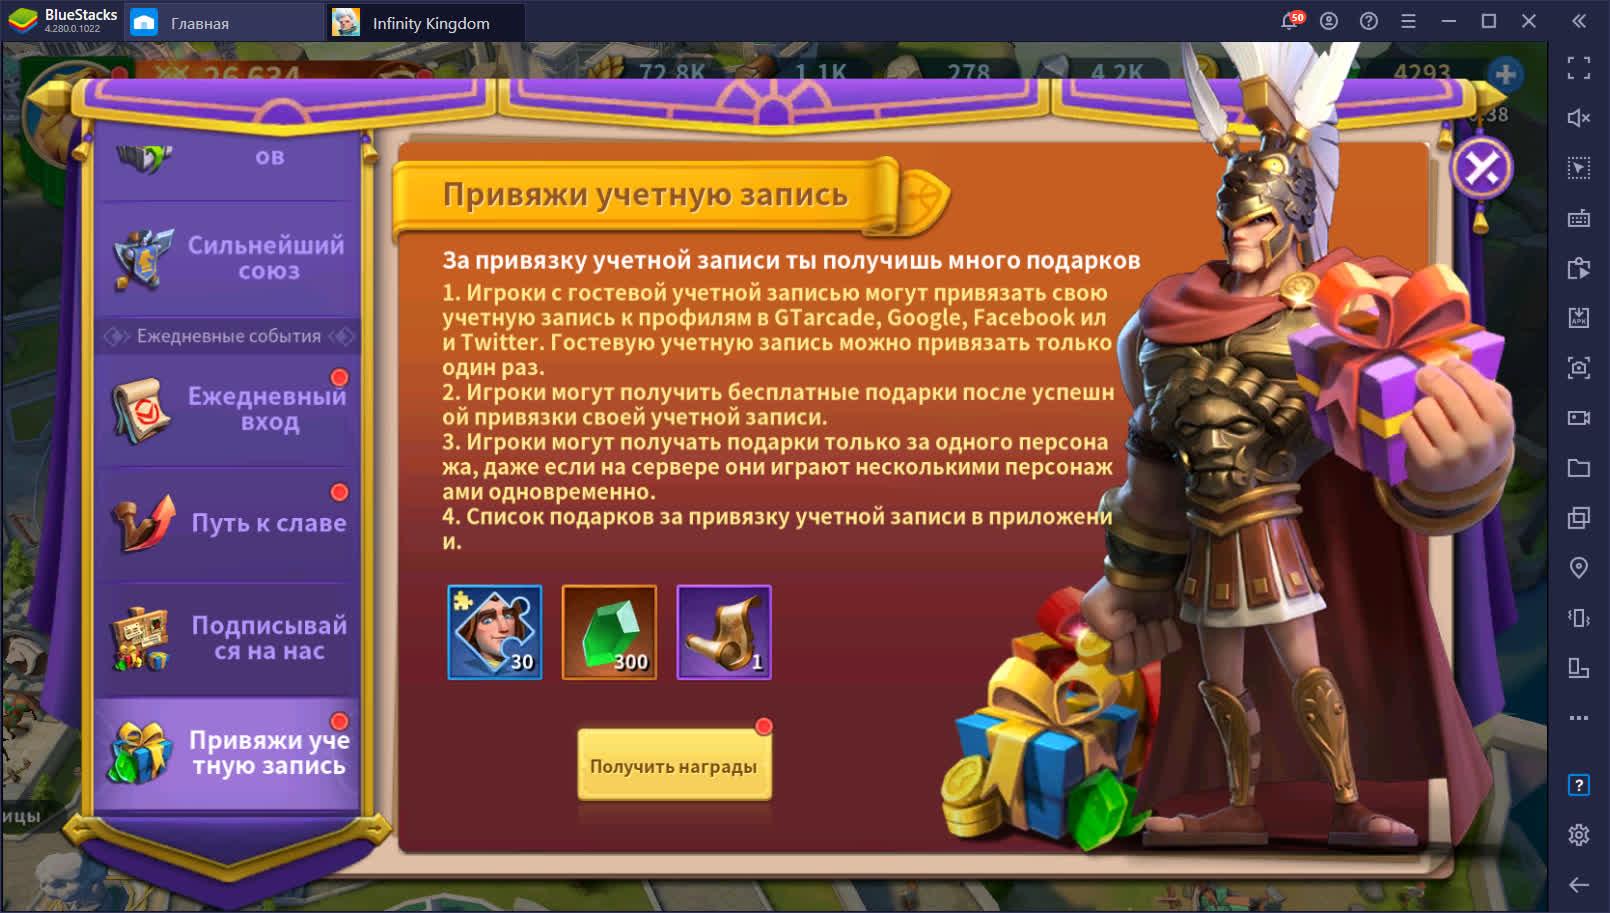 Гайд по сбору всех бесплатных наград в Infinity Kingdom